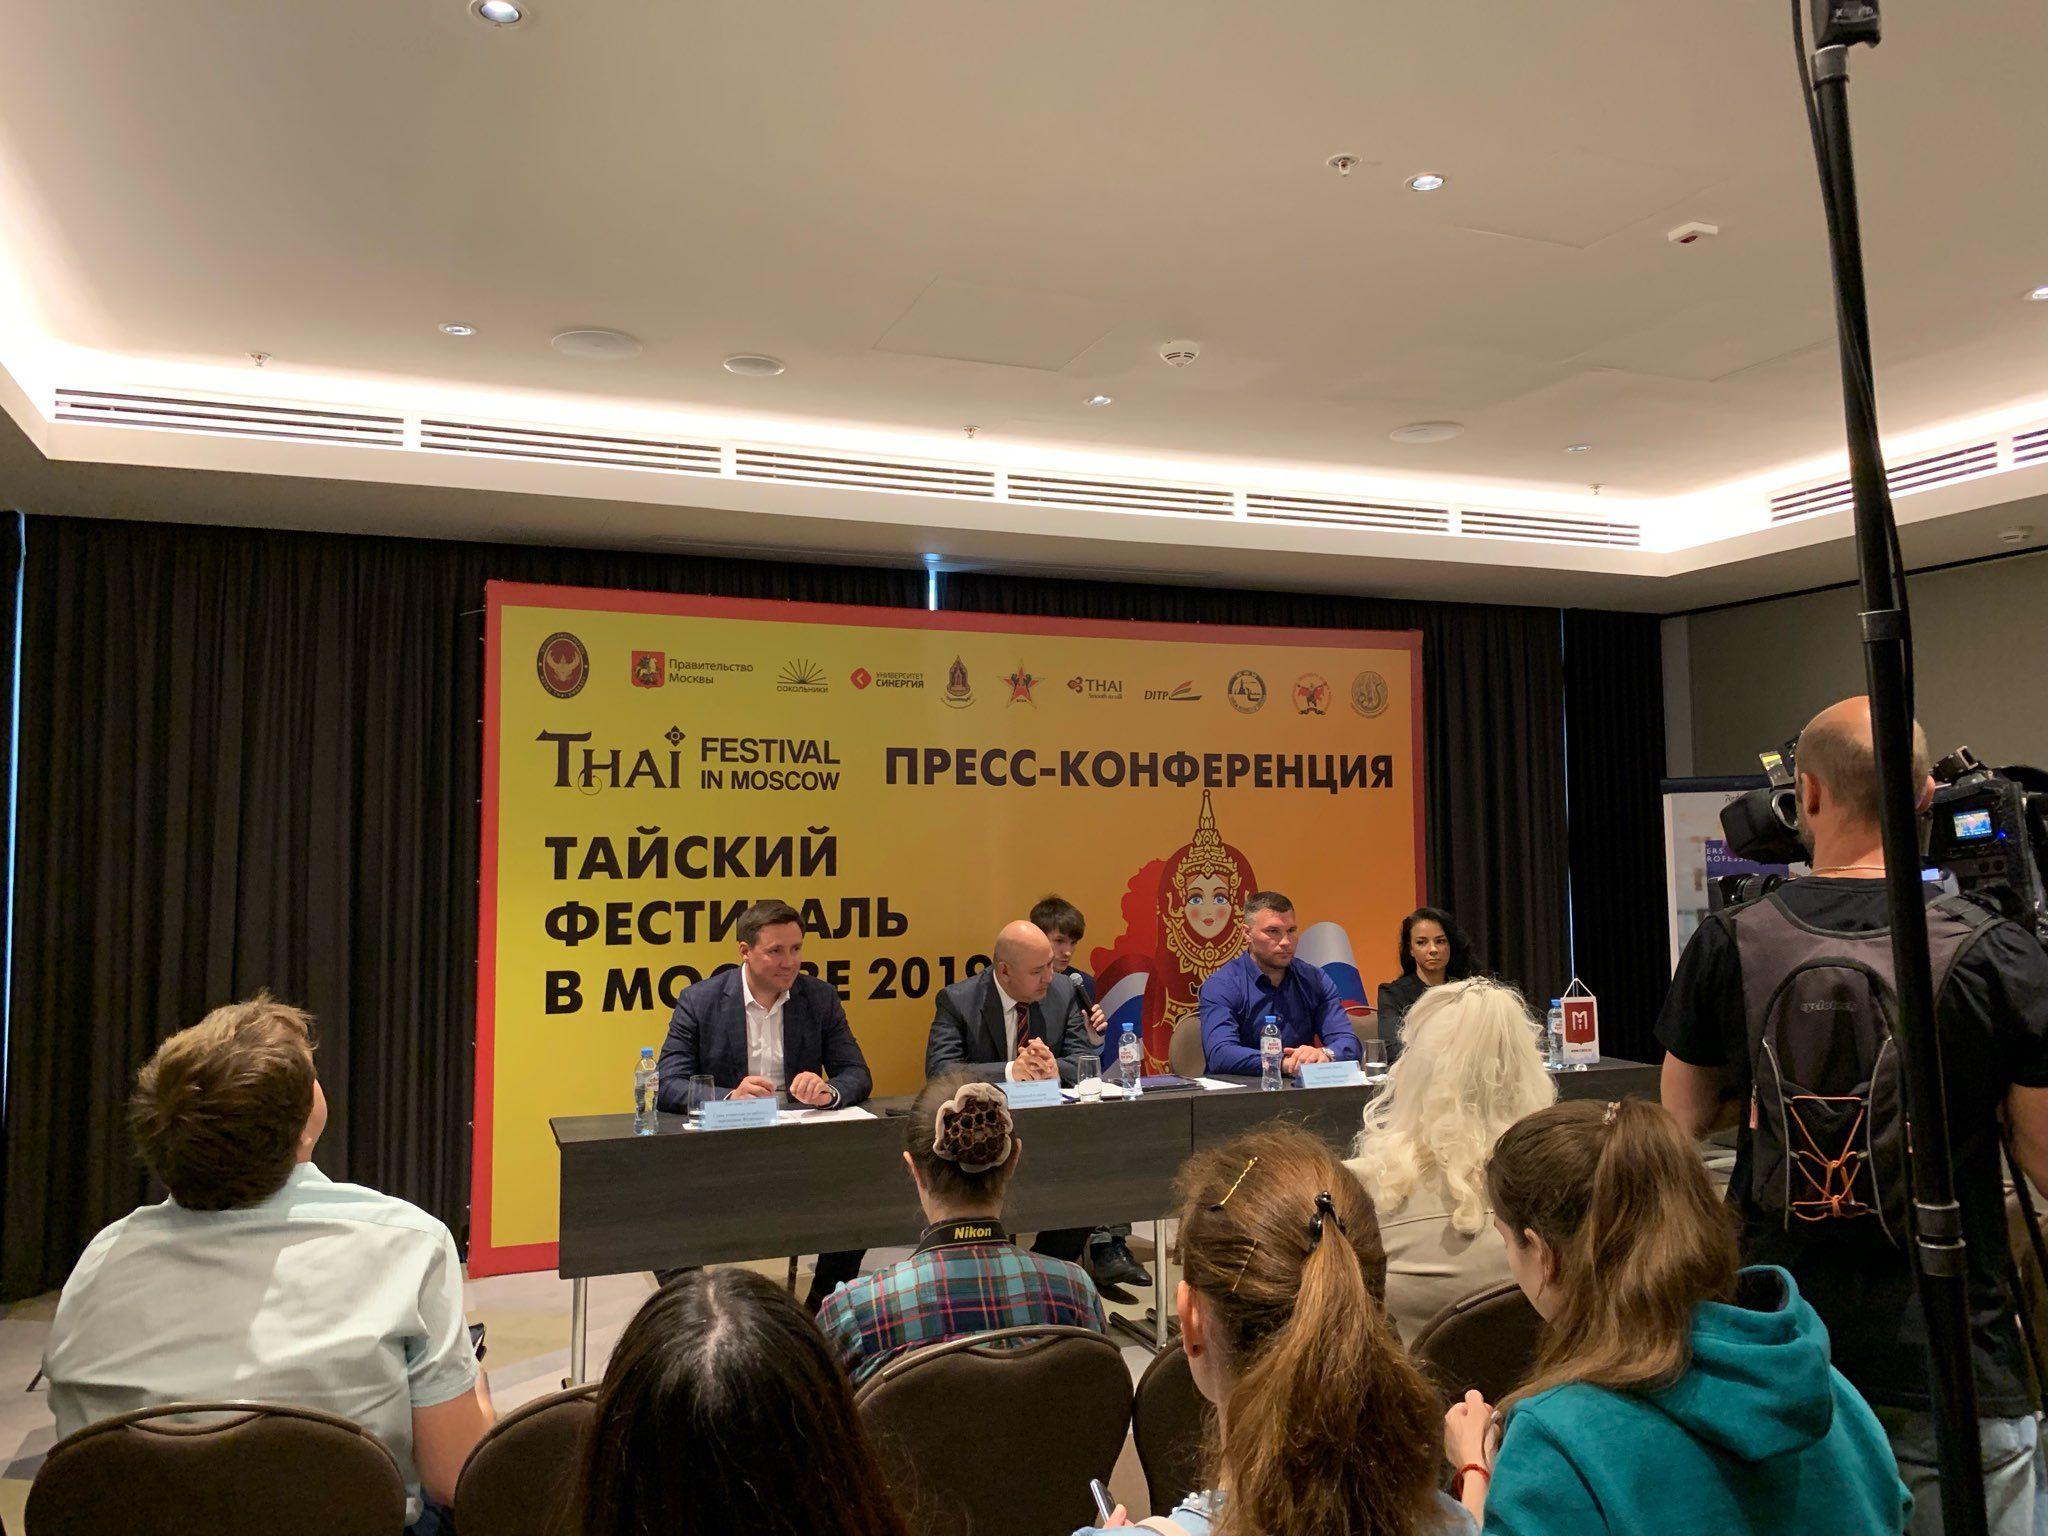 Журналистам рассказали детали Тайского фестиваля в Москве